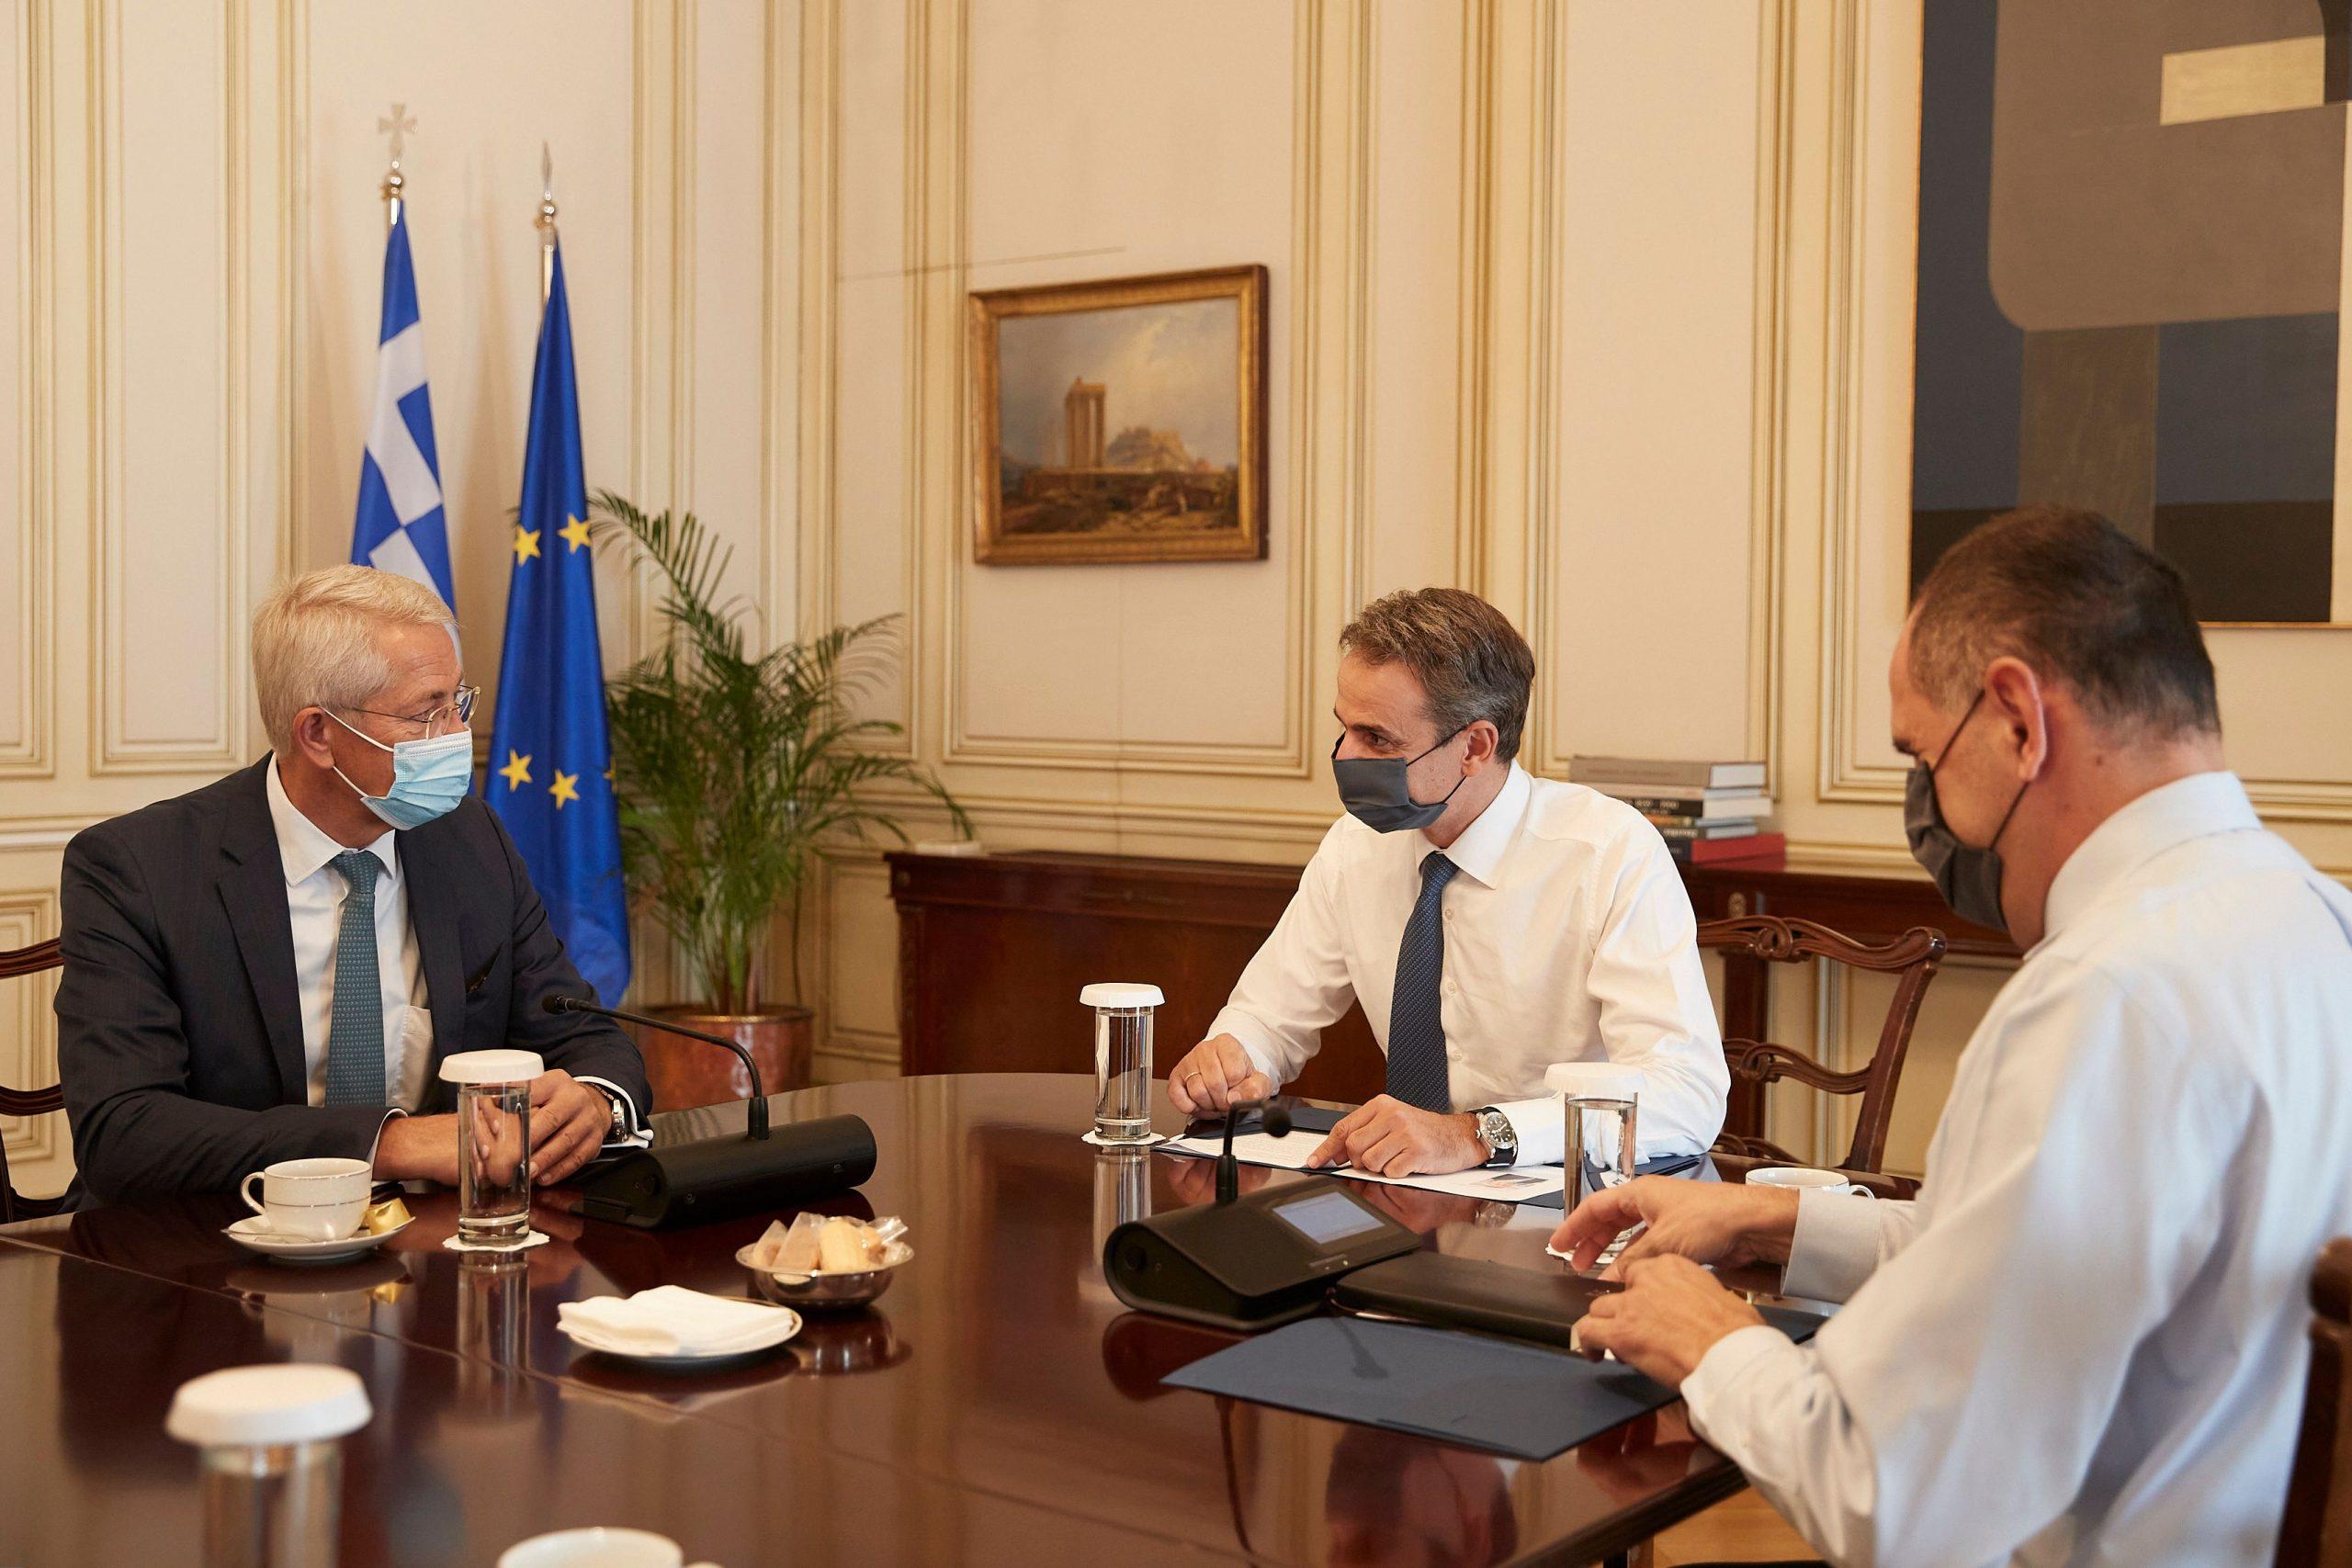 Συνάντηση του πρωθυπουργού με τον πρόεδρο της Fraport – Τι ειπώθηκε